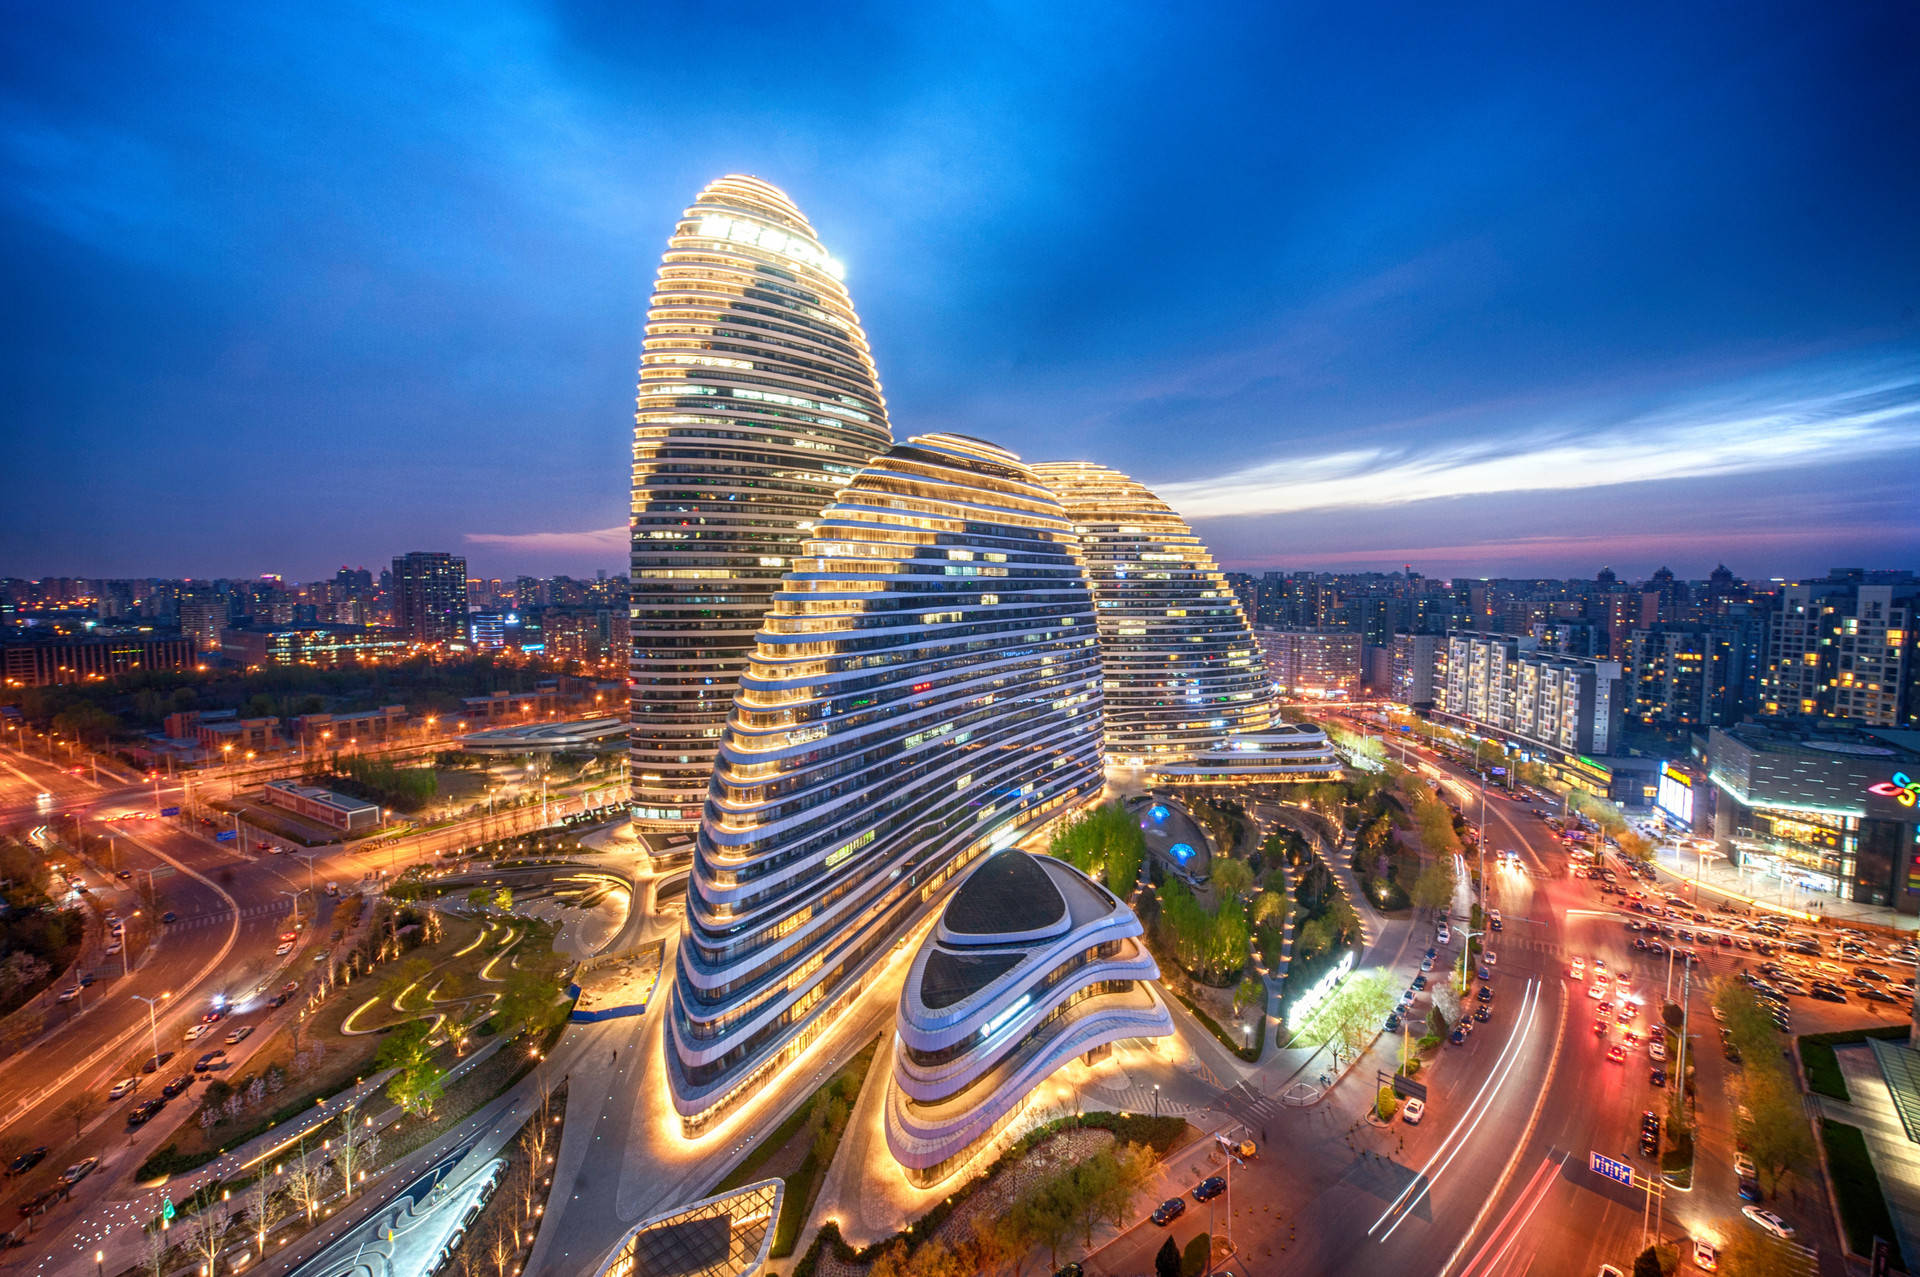 威尼斯app官方:建筑和工程公司的新名称和美丽名称的集合 天津建联修建工程公司